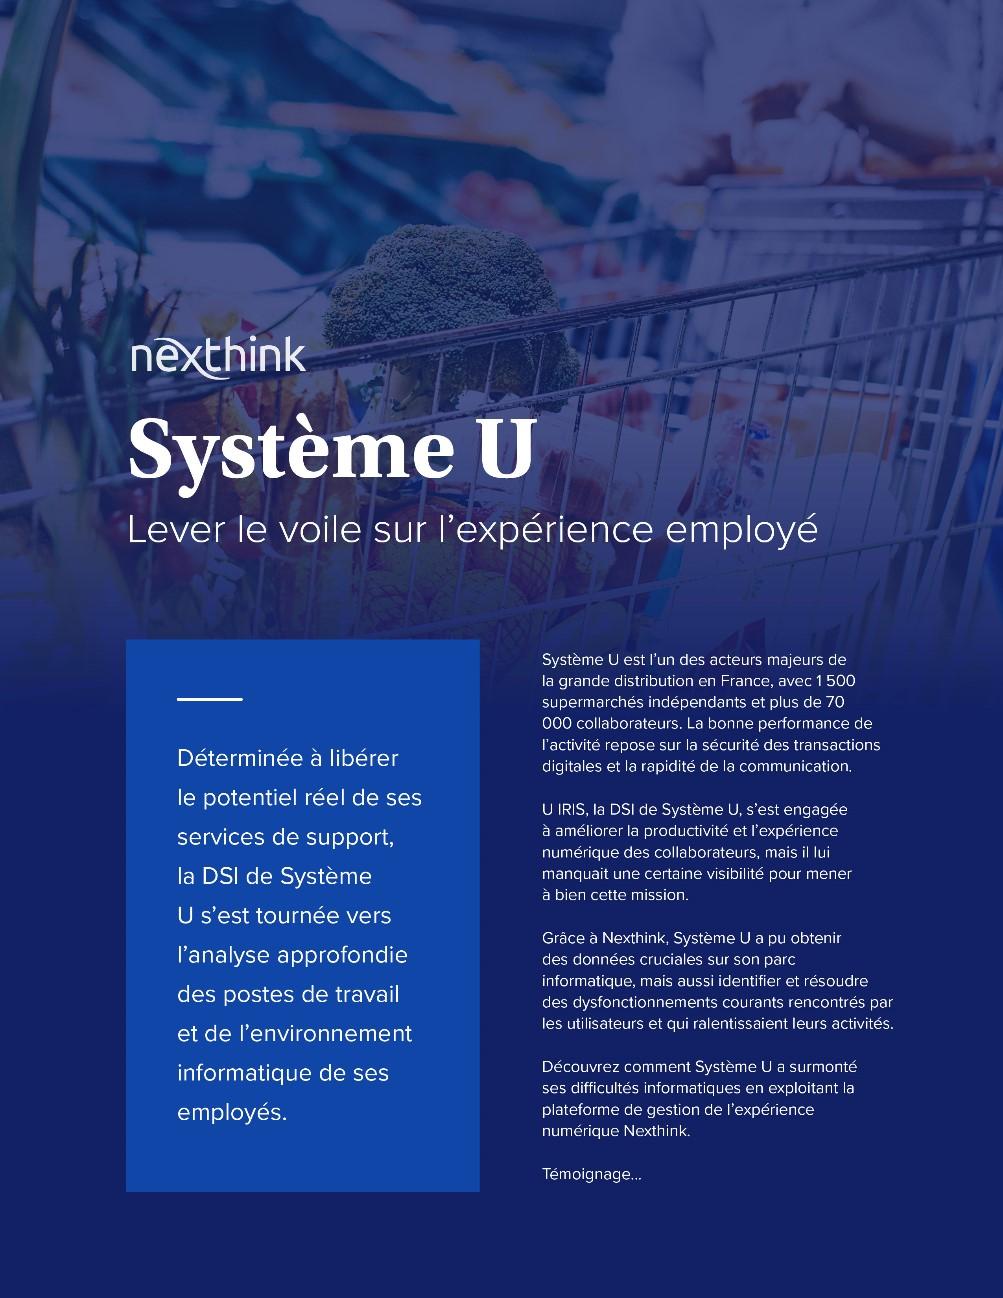 Système U : Lever Le Voile Sur L'Experience Employé